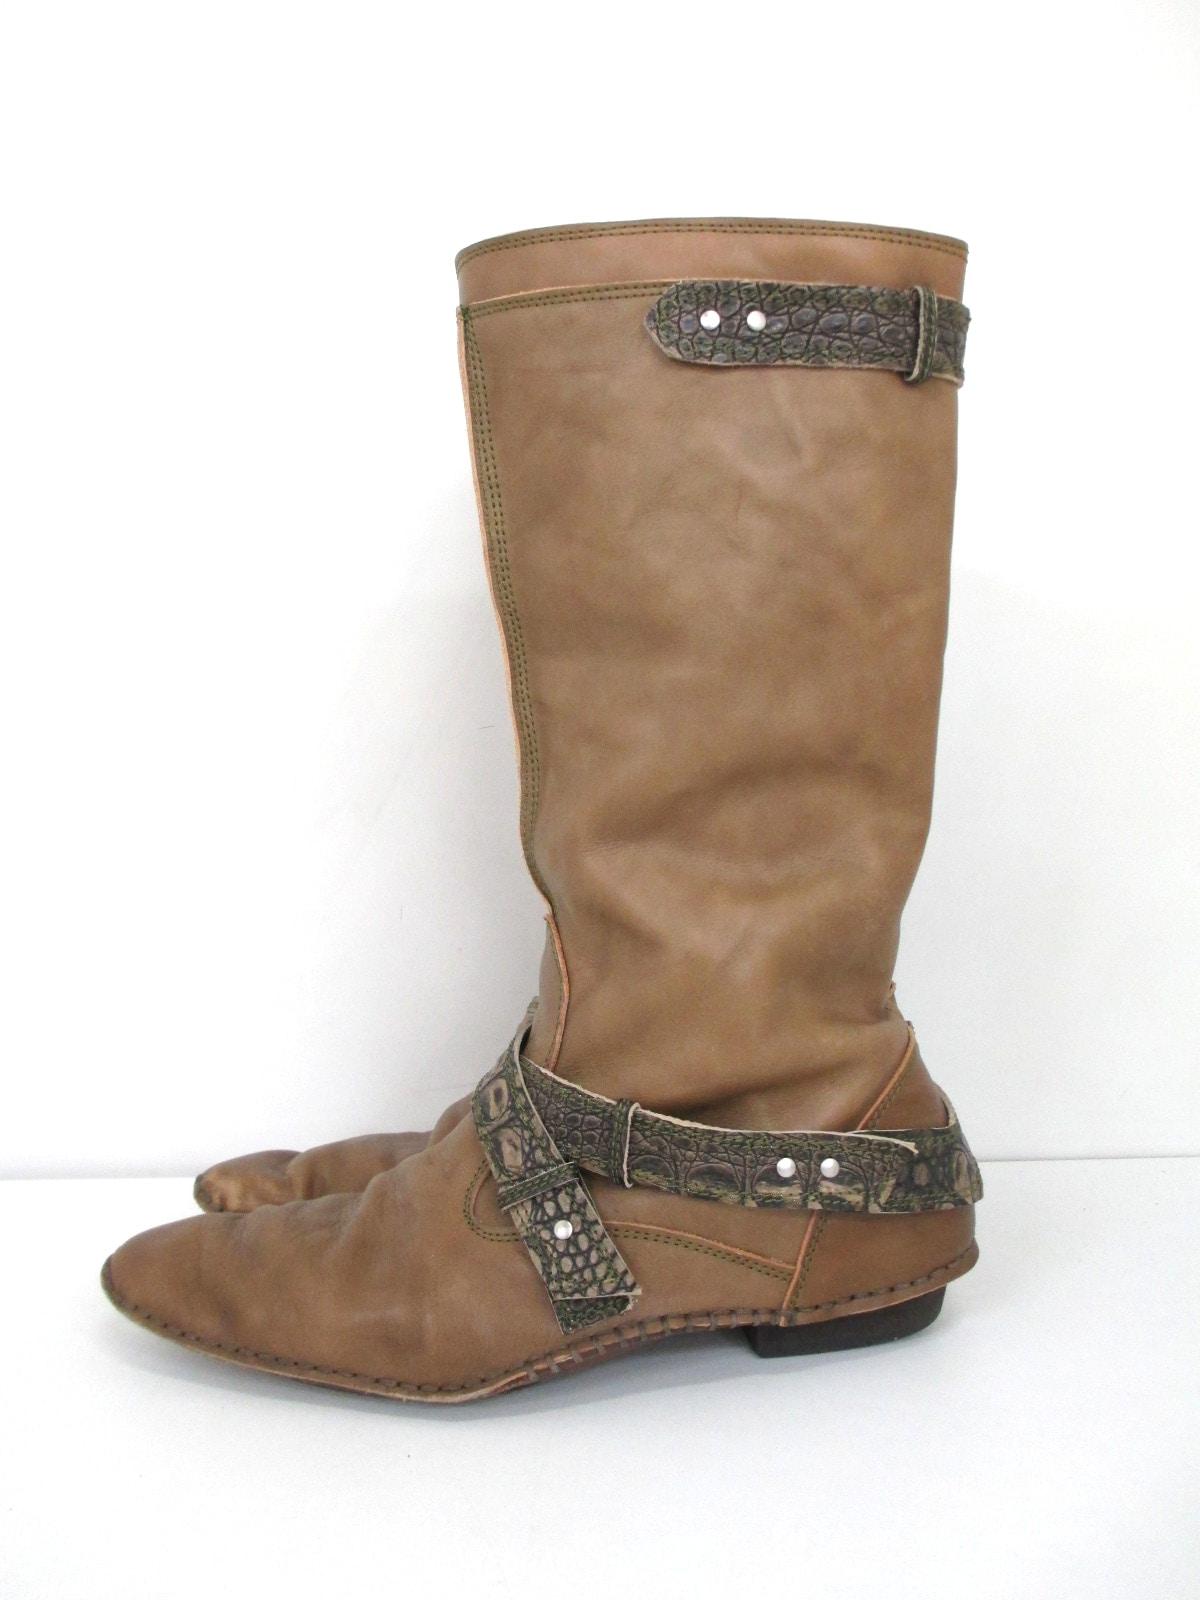 卑弥呼(ヒミコ)のブーツ